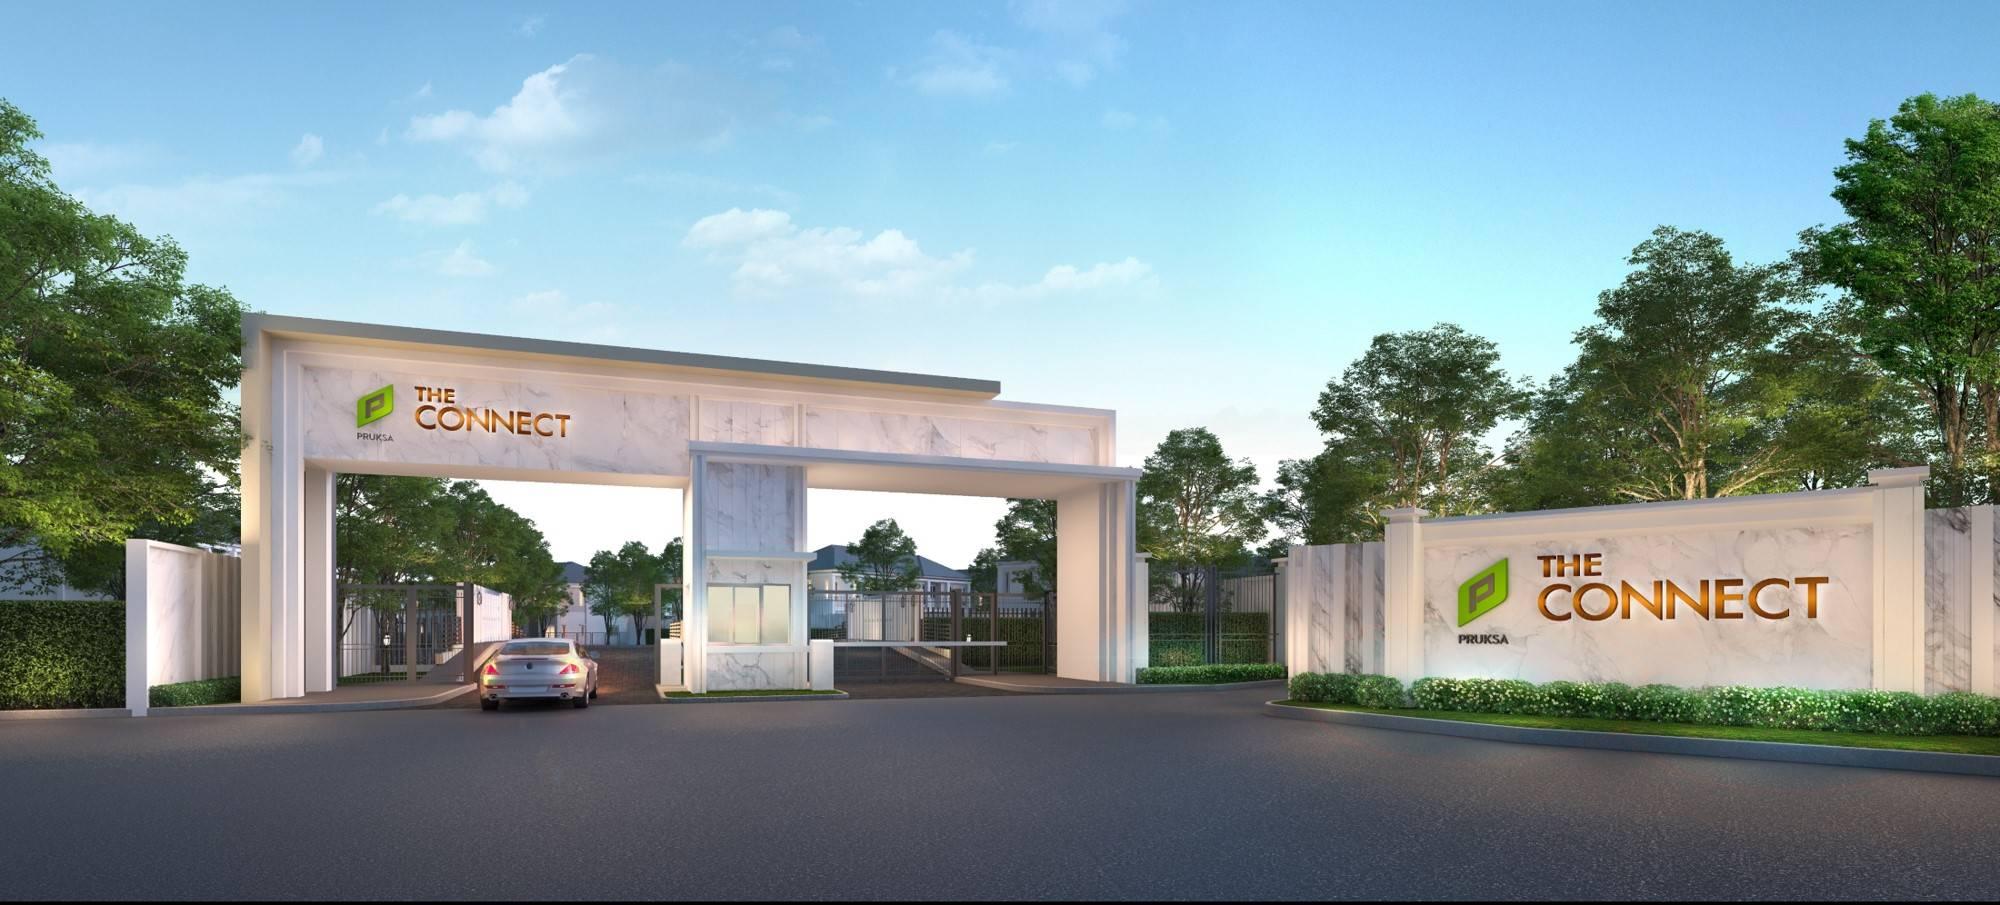 พฤกษา เปิดซิตี้ทาวน์โฮมใหม่ เดอะ คอนเนค รามอินทรา กม8  ราคาเริ่ม 279 ลบ | Prop2Morrow บ้าน คอนโด ข่าวอสังหาฯ